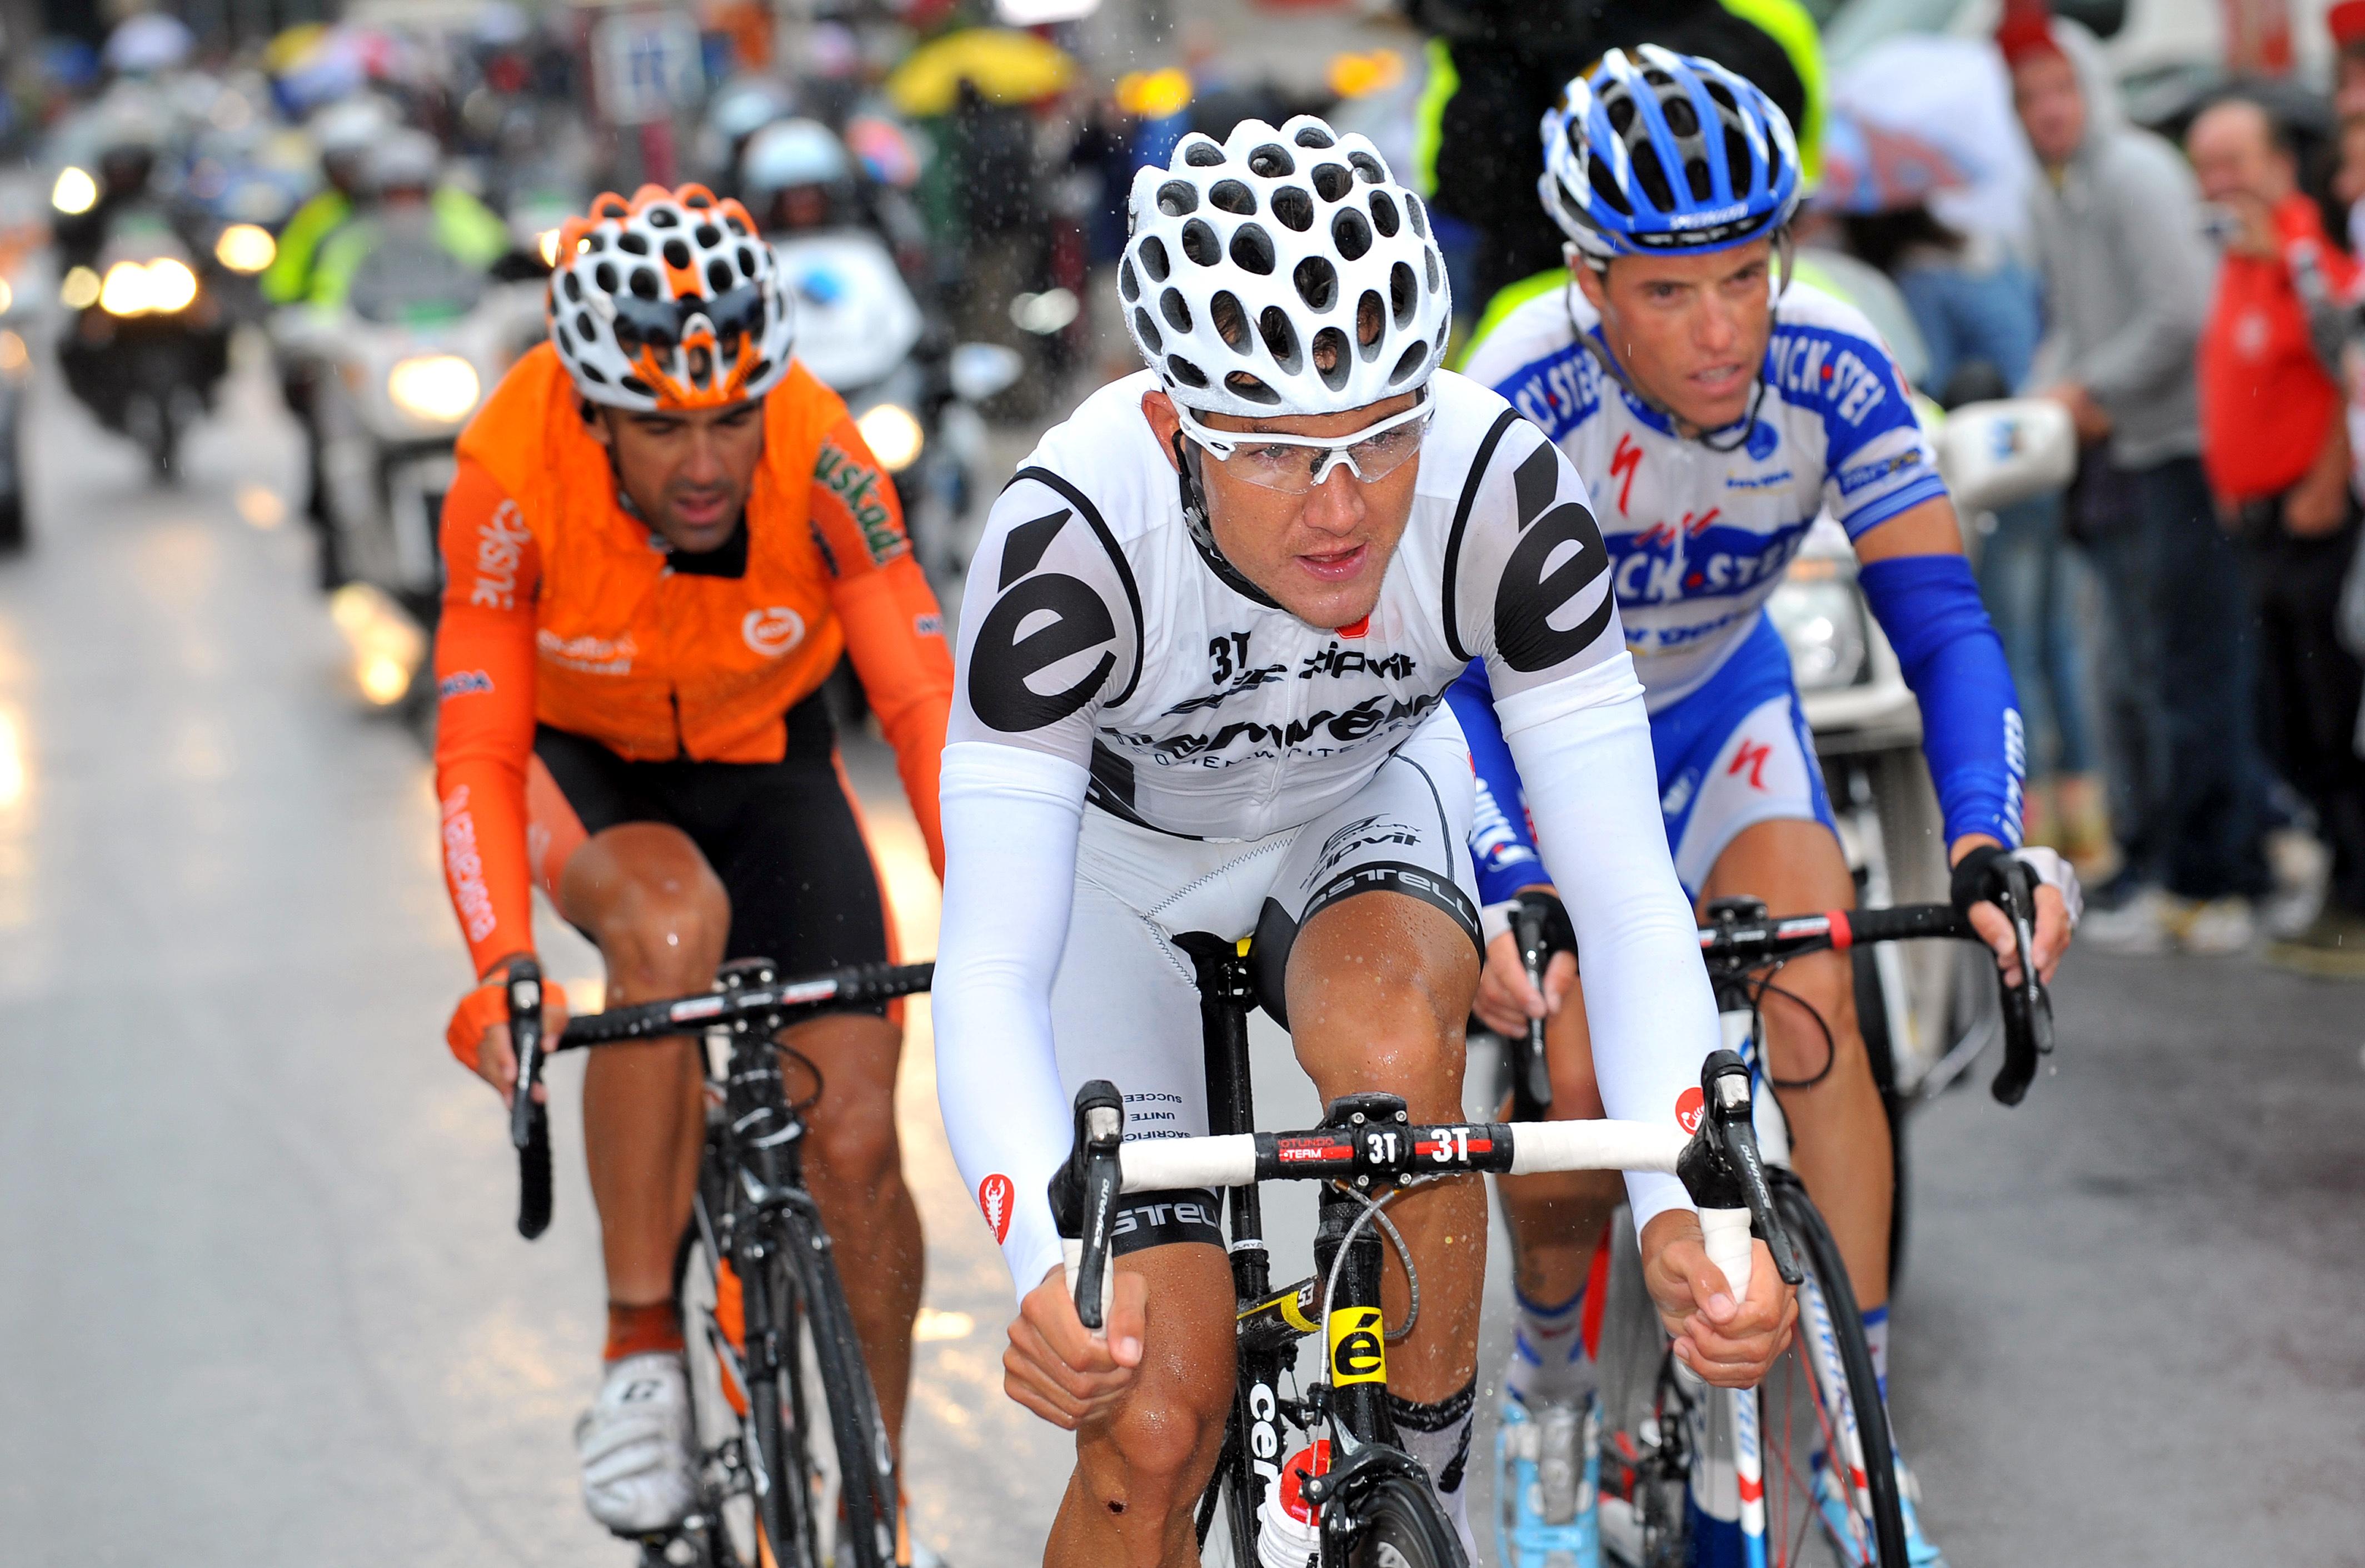 Cycling : Tour De France 2009 / Stage 13 Colmar Haussler